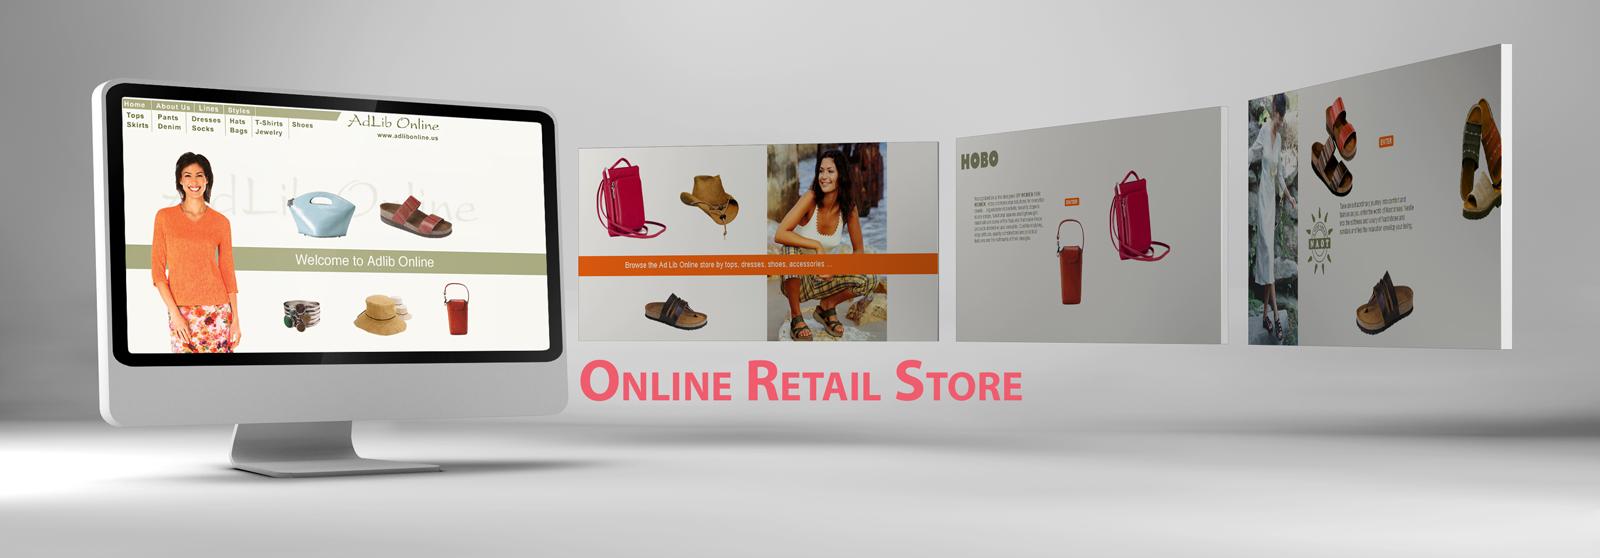 WEBSITE DESIGN: Shopping Cart